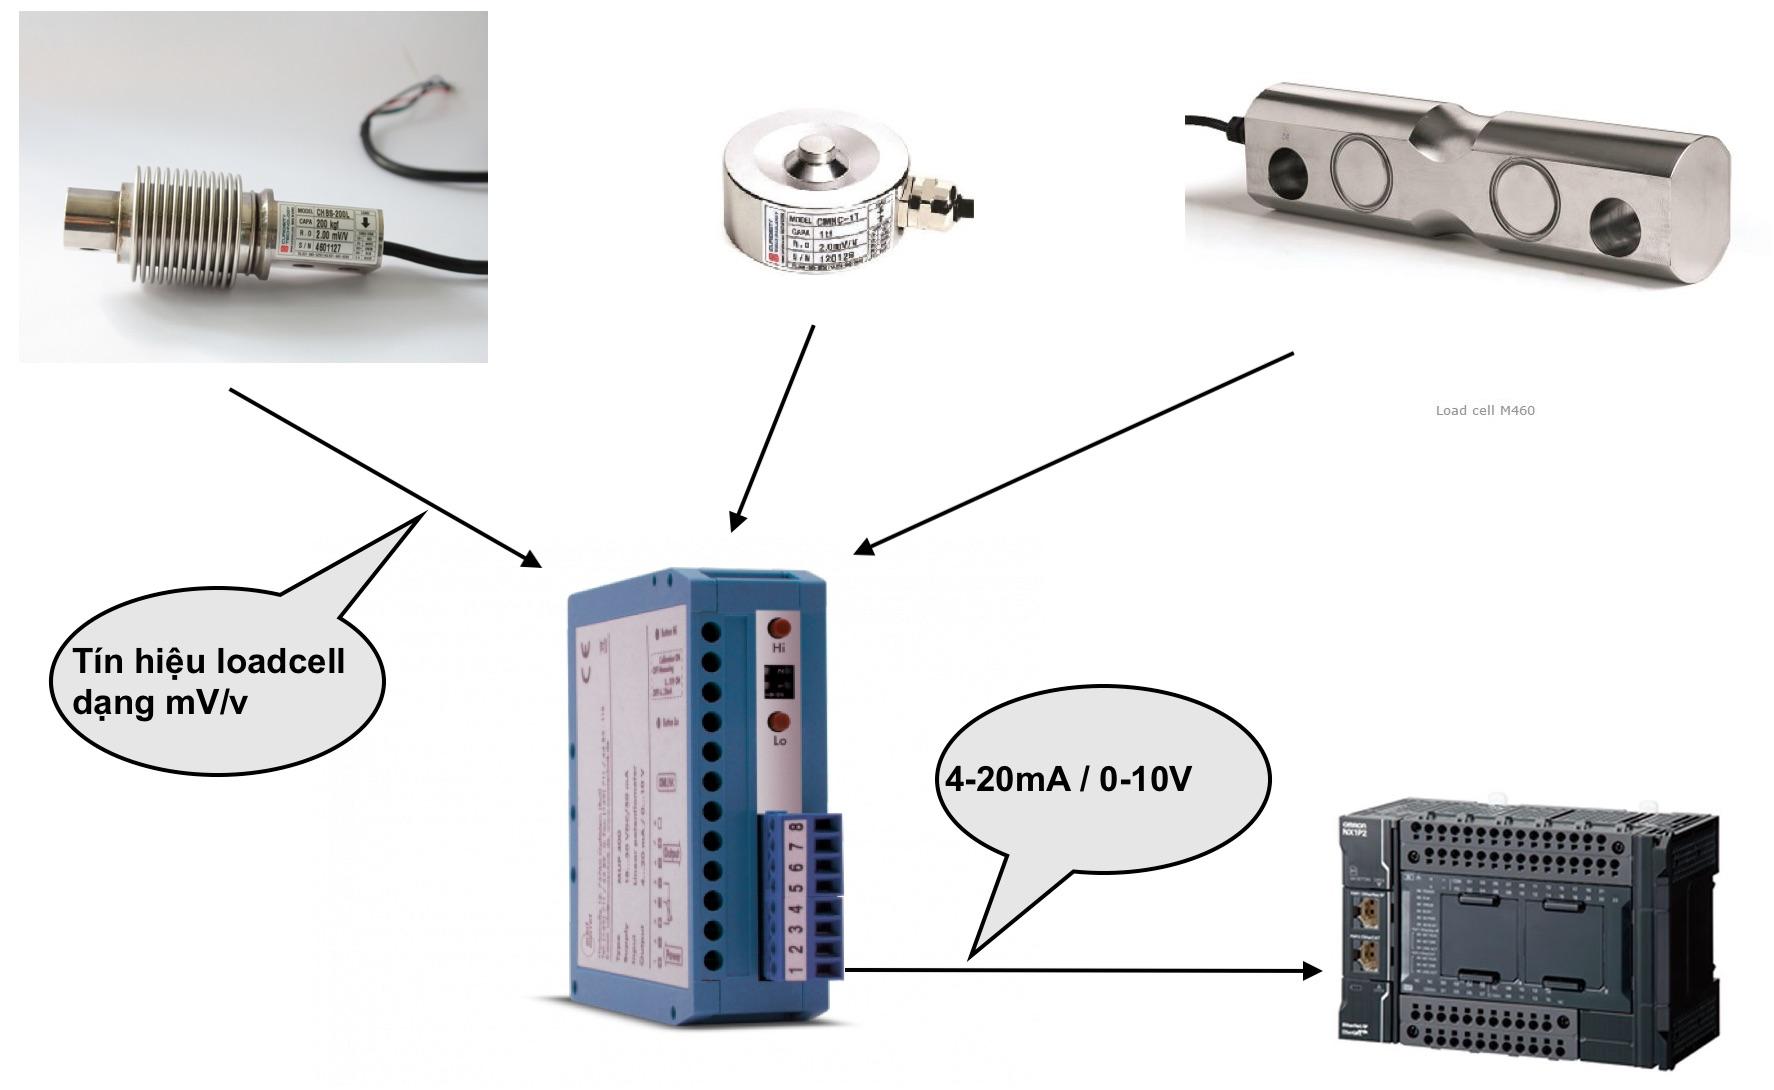 OMX380T - Bộ chuyển loadcell sang dòng 4-20mA